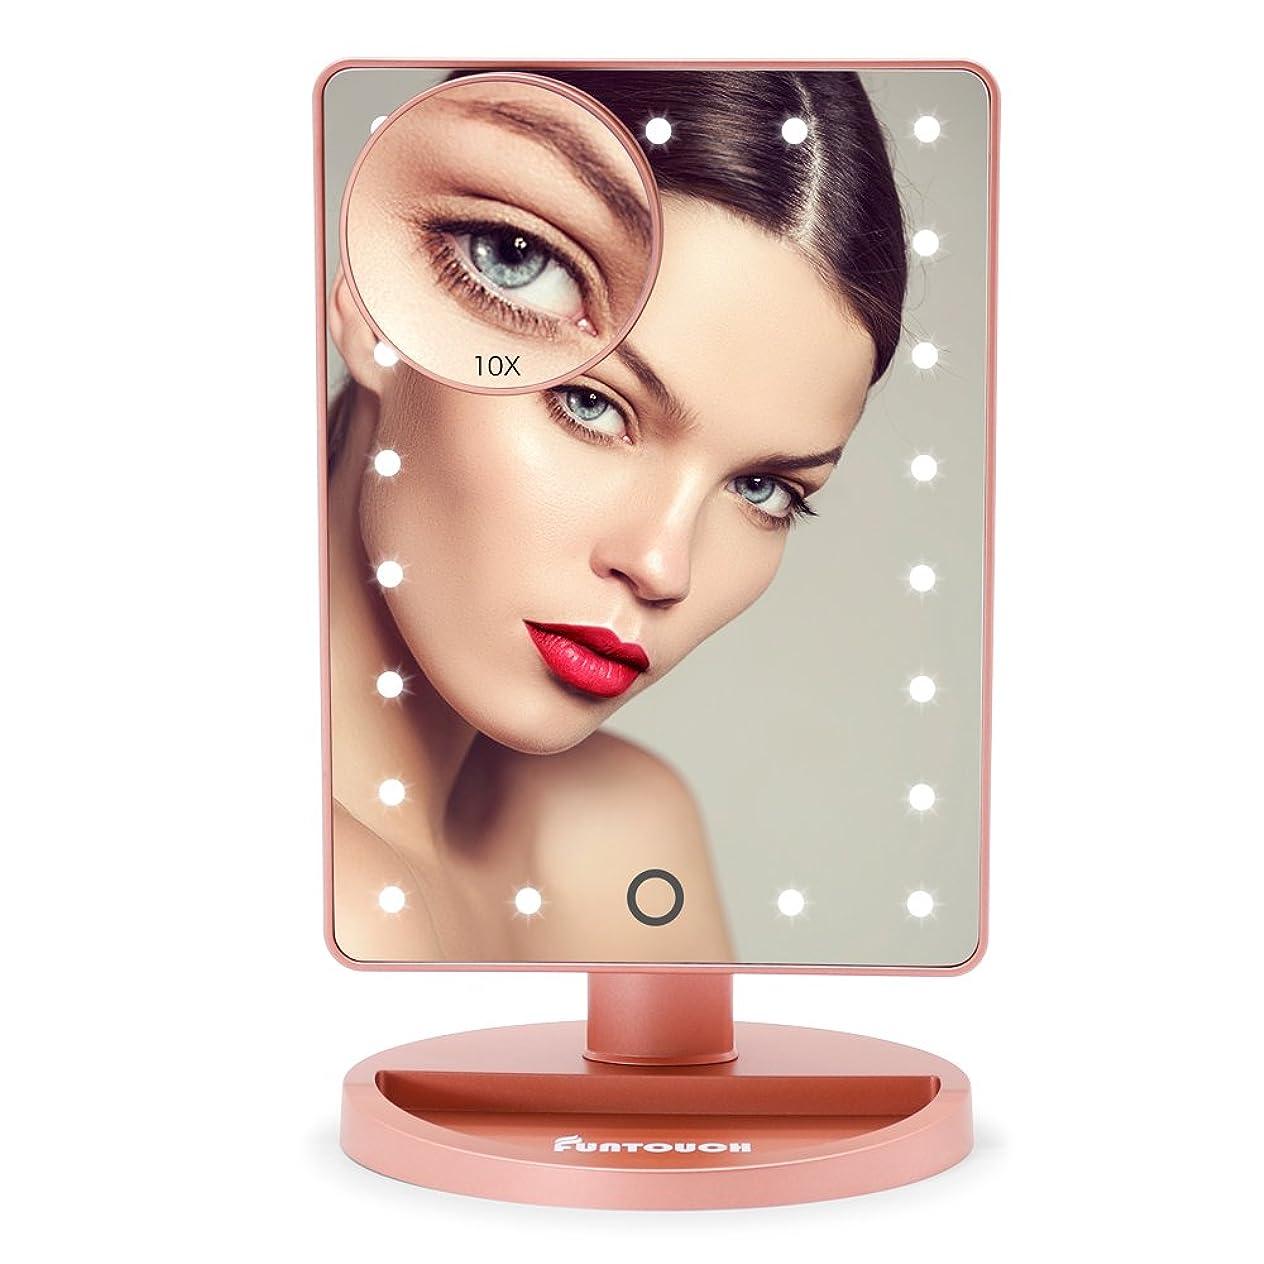 風味商業の速い化粧鏡 卓上鏡 化粧ミラー 鏡 女優ミラー 卓上 21 led 拡大鏡 10倍 明るさ調節可能 180°回転 電池給電(Rose Gold)